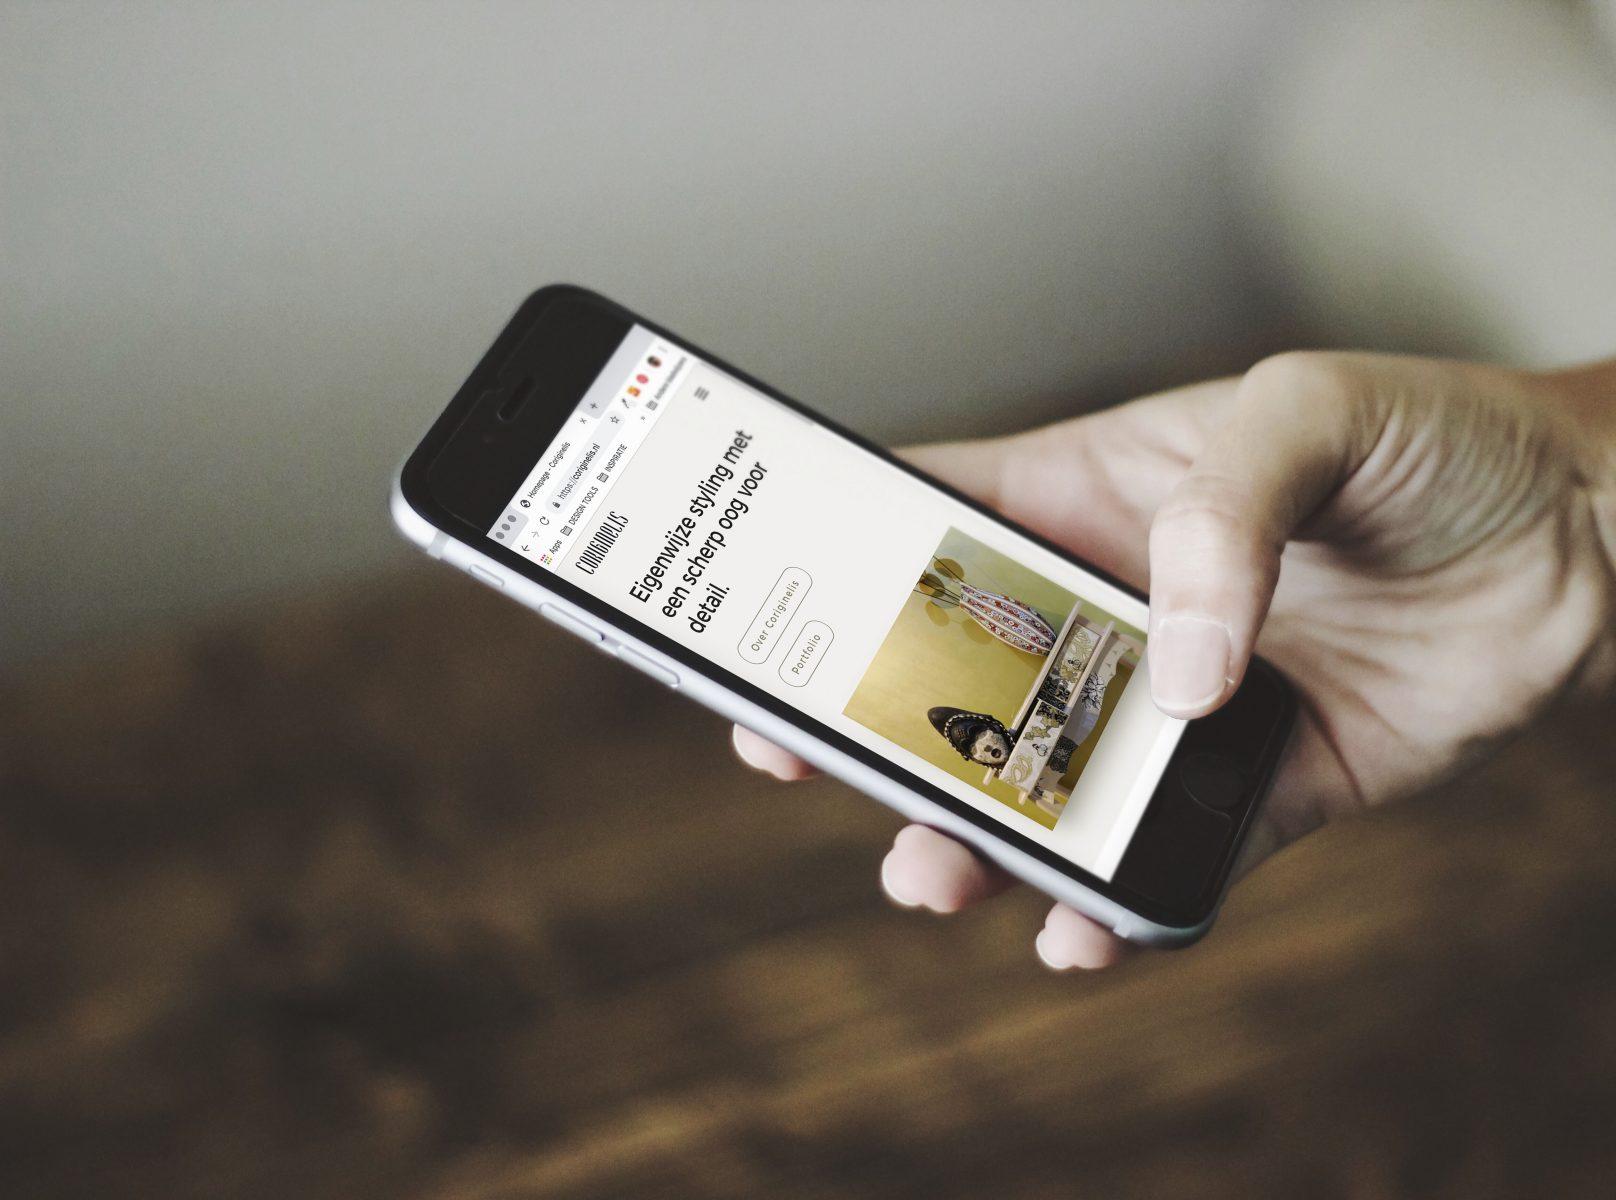 Een nieuwe website voor Coriginelis interieur en styling, helemaal responisve